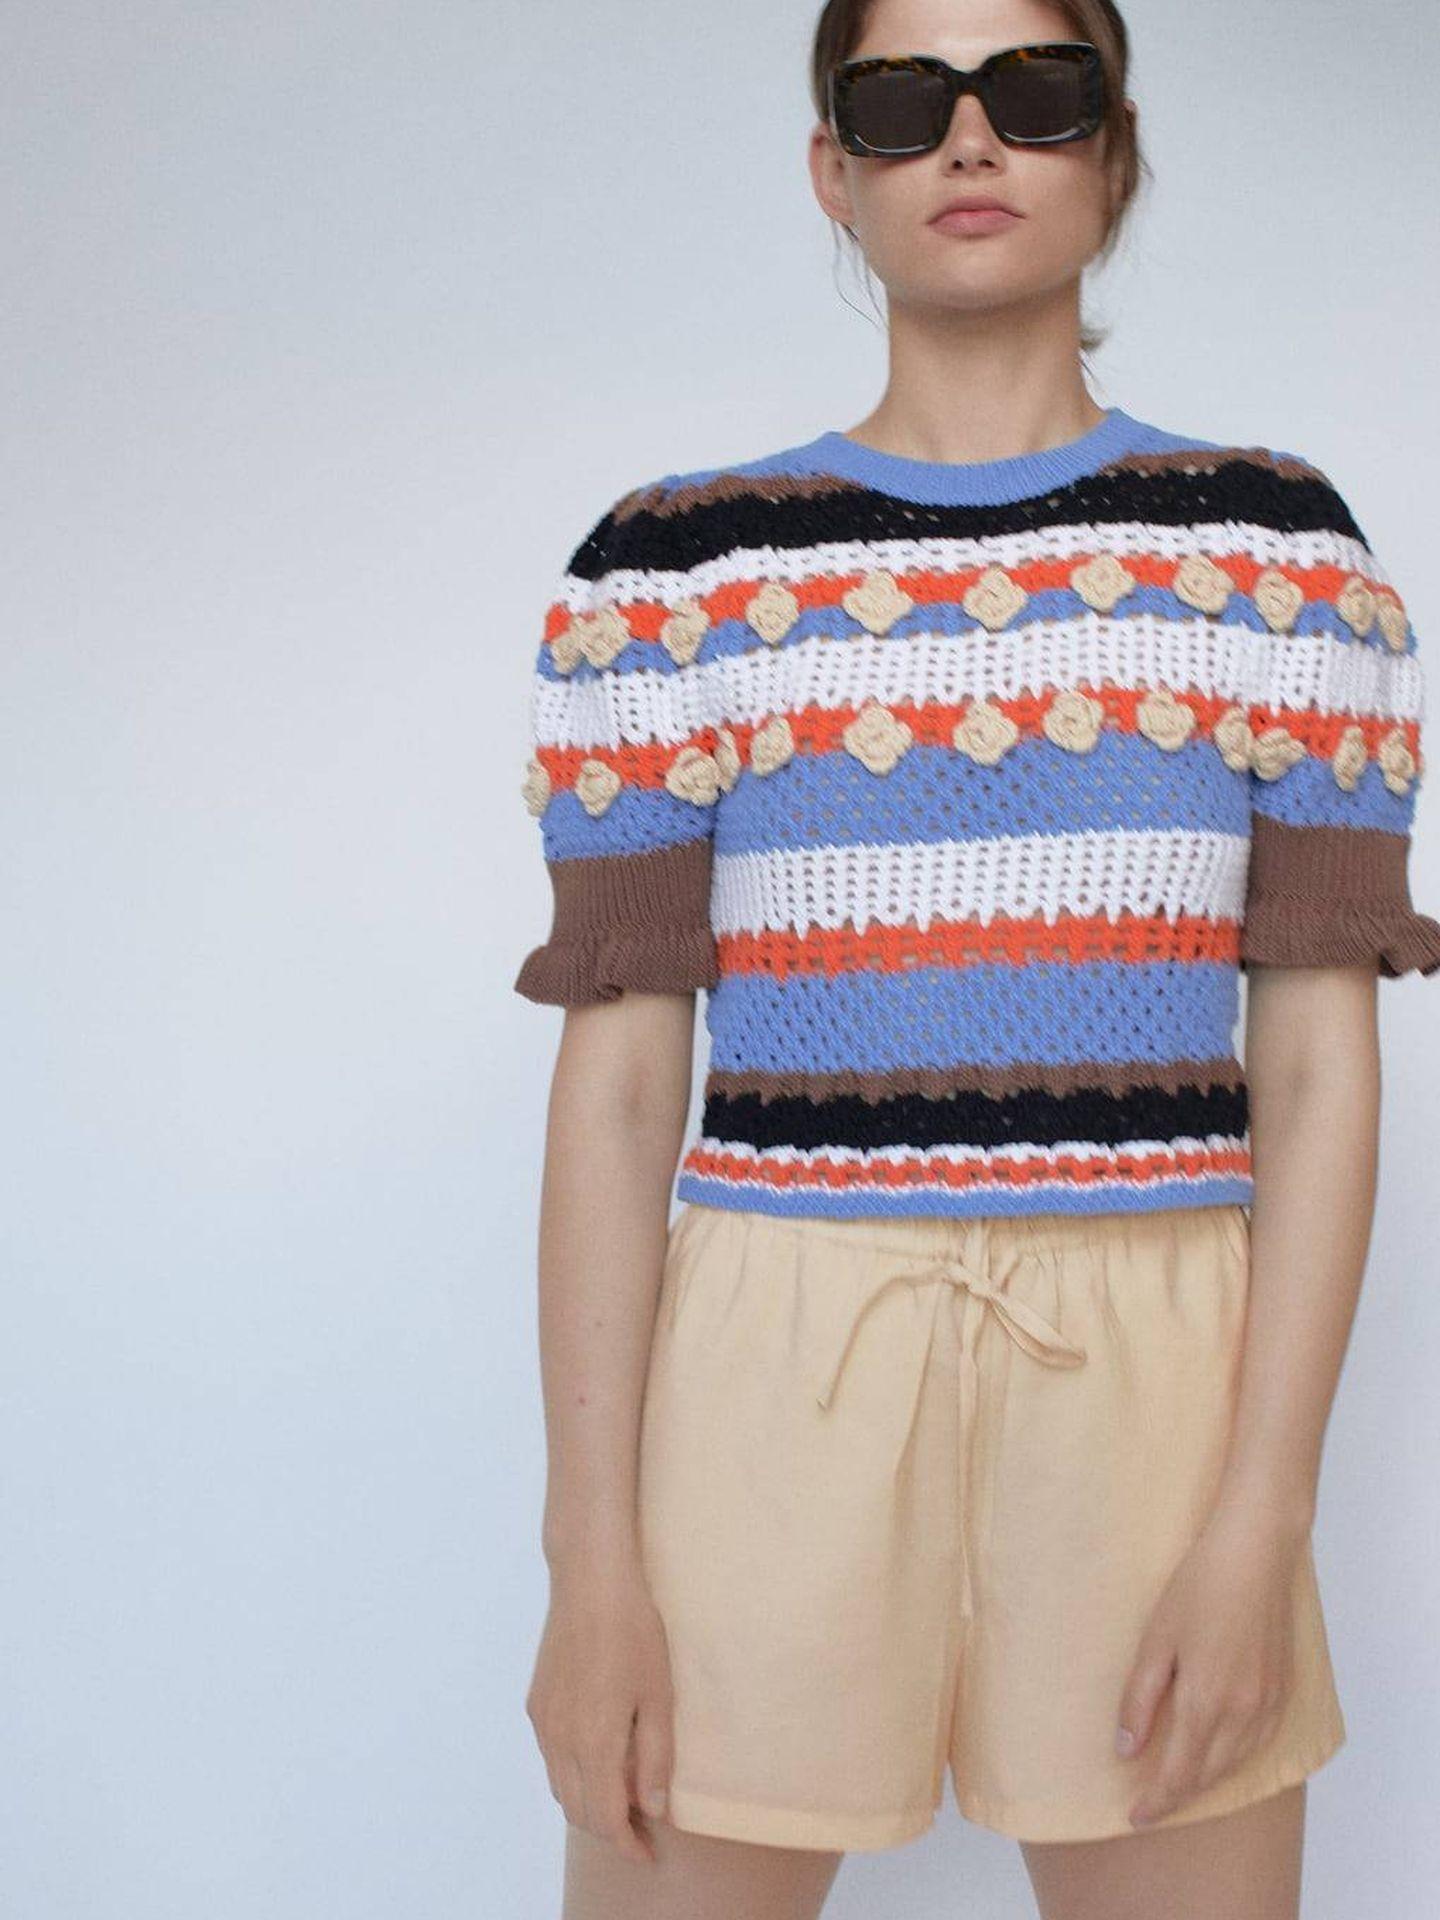 El jersey de Zara. (Cortesía)